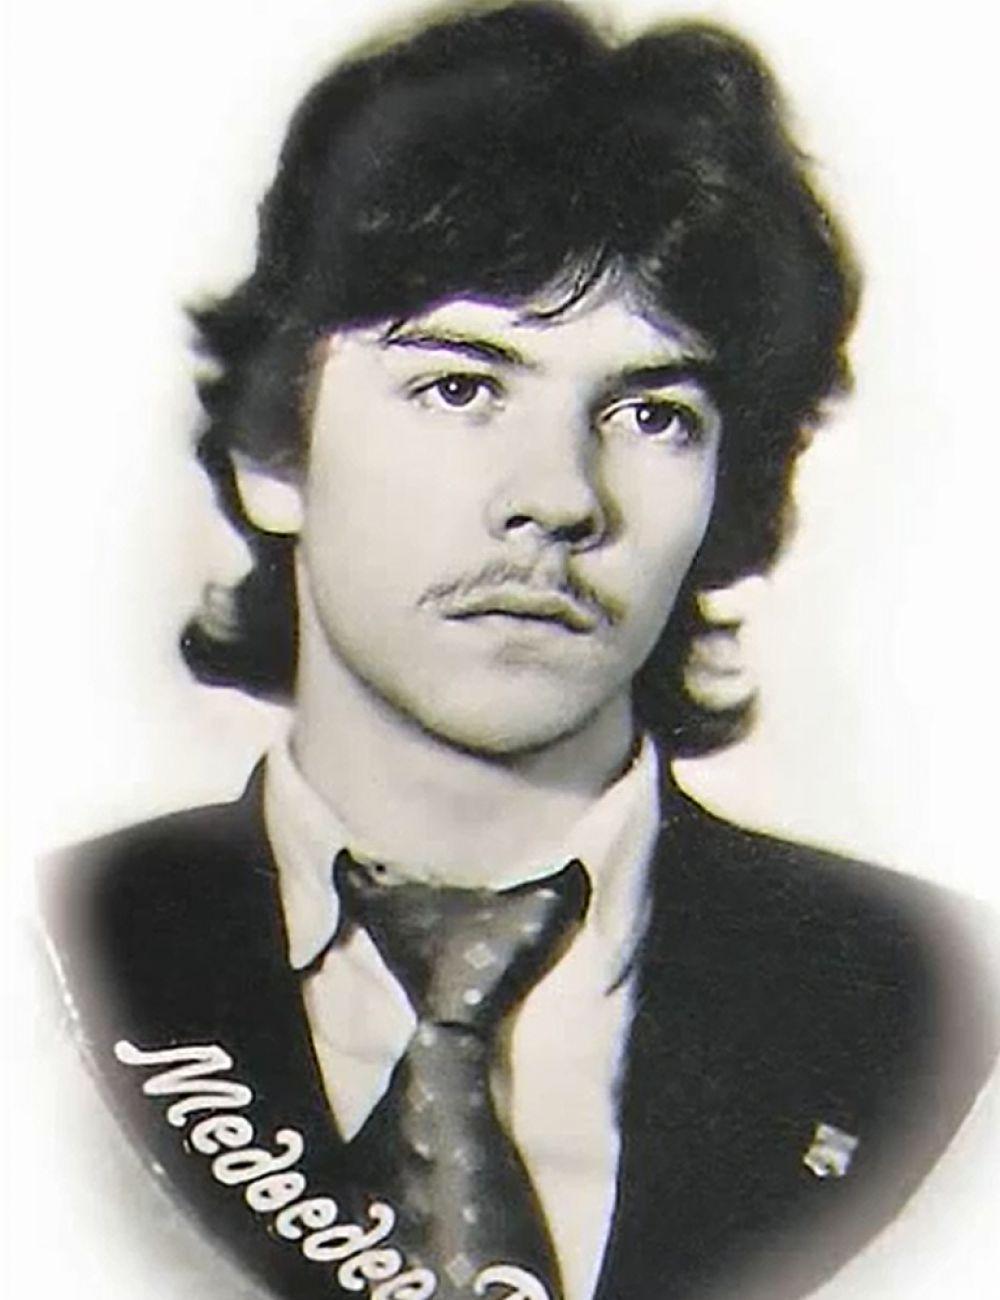 Председатель правительства РФ  Дмитрий Медведев в 1980-х годах.